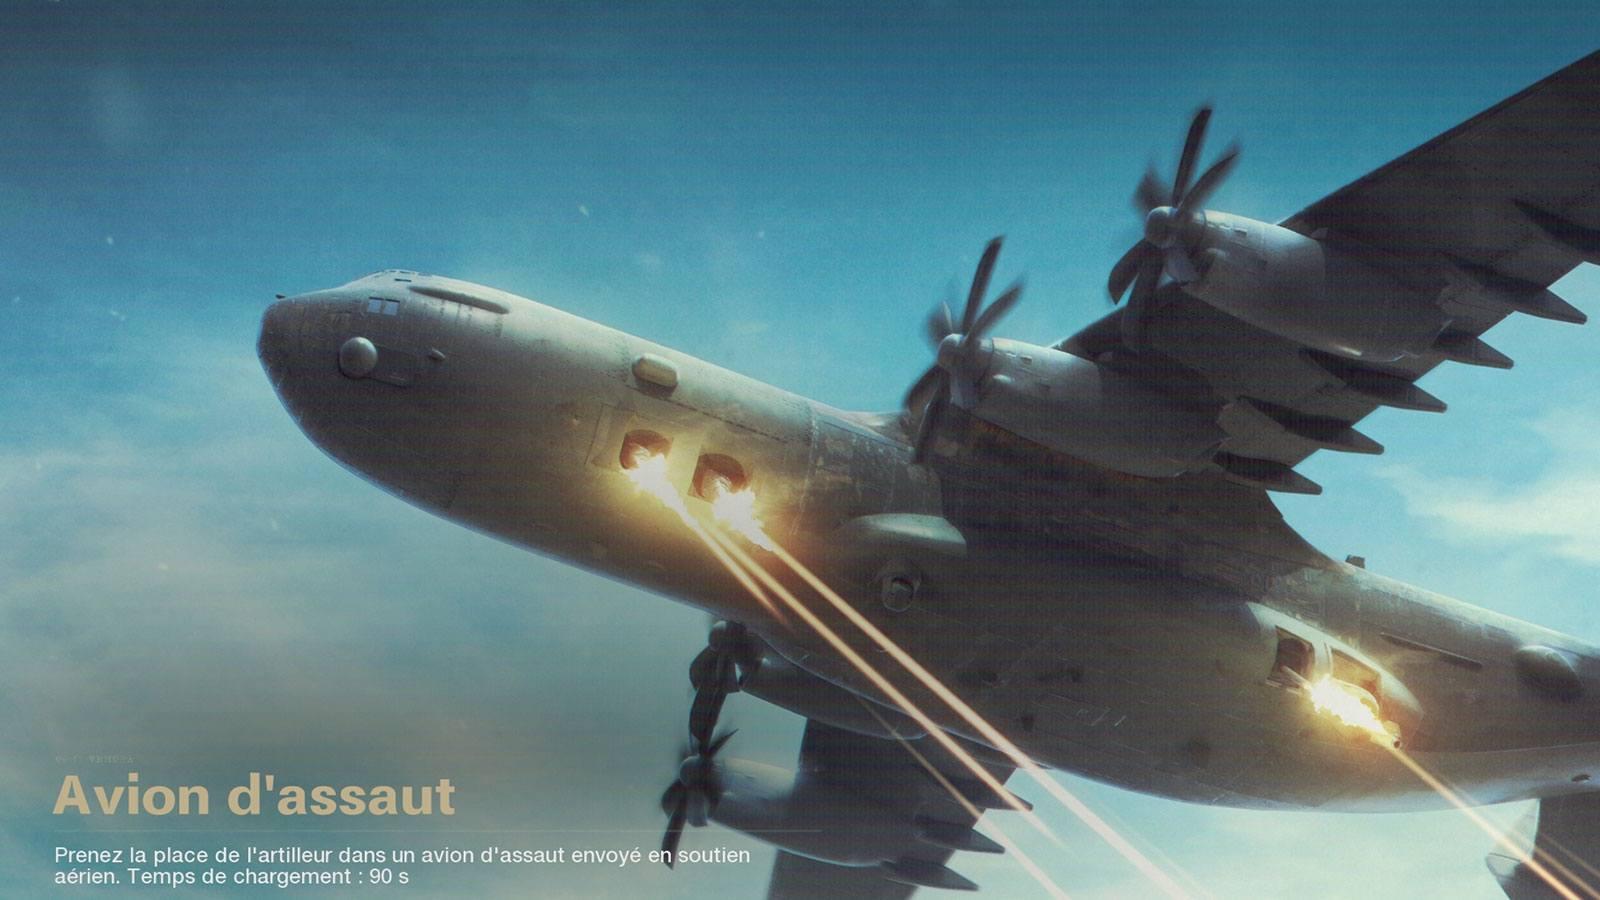 Avion d'assaut Black Ops Cold War Treyarch